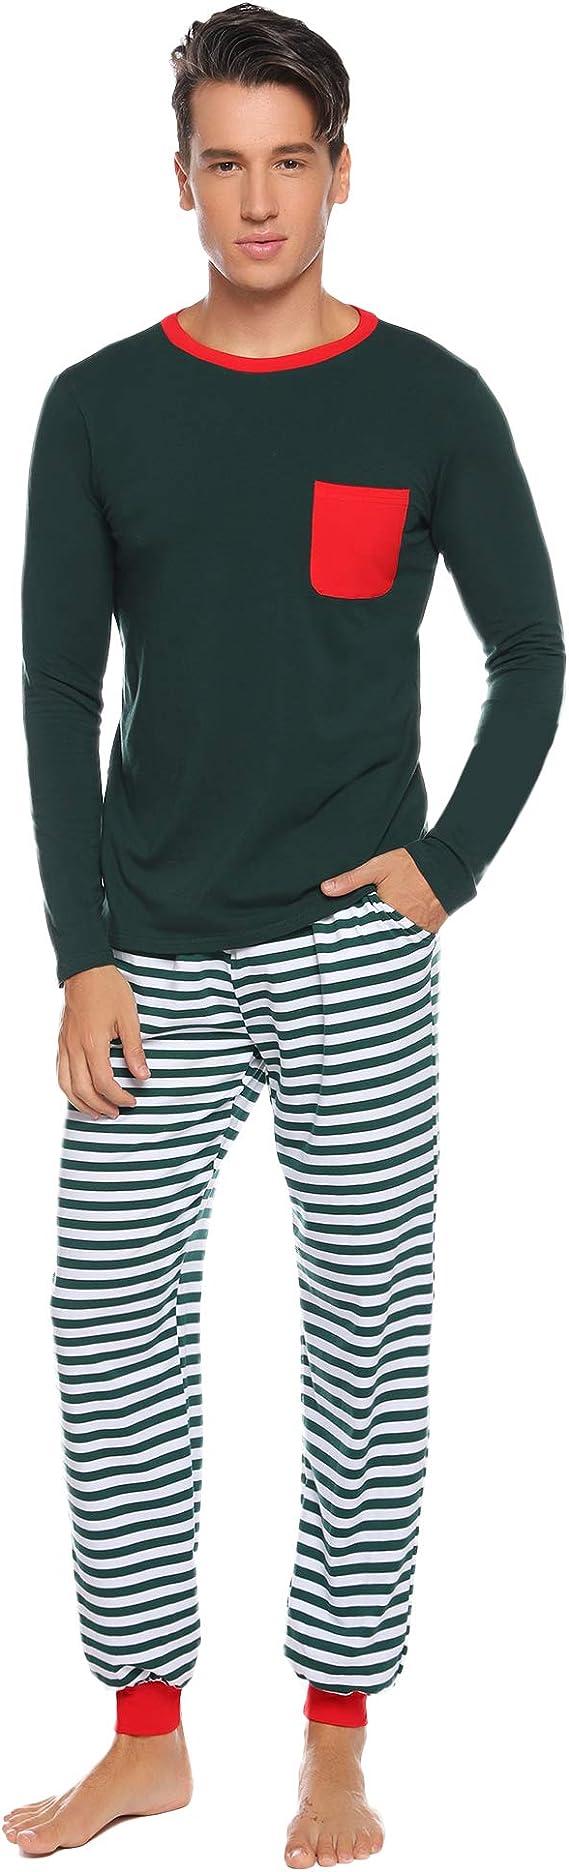 Aibrou Pijamas de Navidad Familia Conjunto Algod/ón,Raya Ropa de Dormir Casual Oto/ño Invierno Mujere Hombre Ni/ños